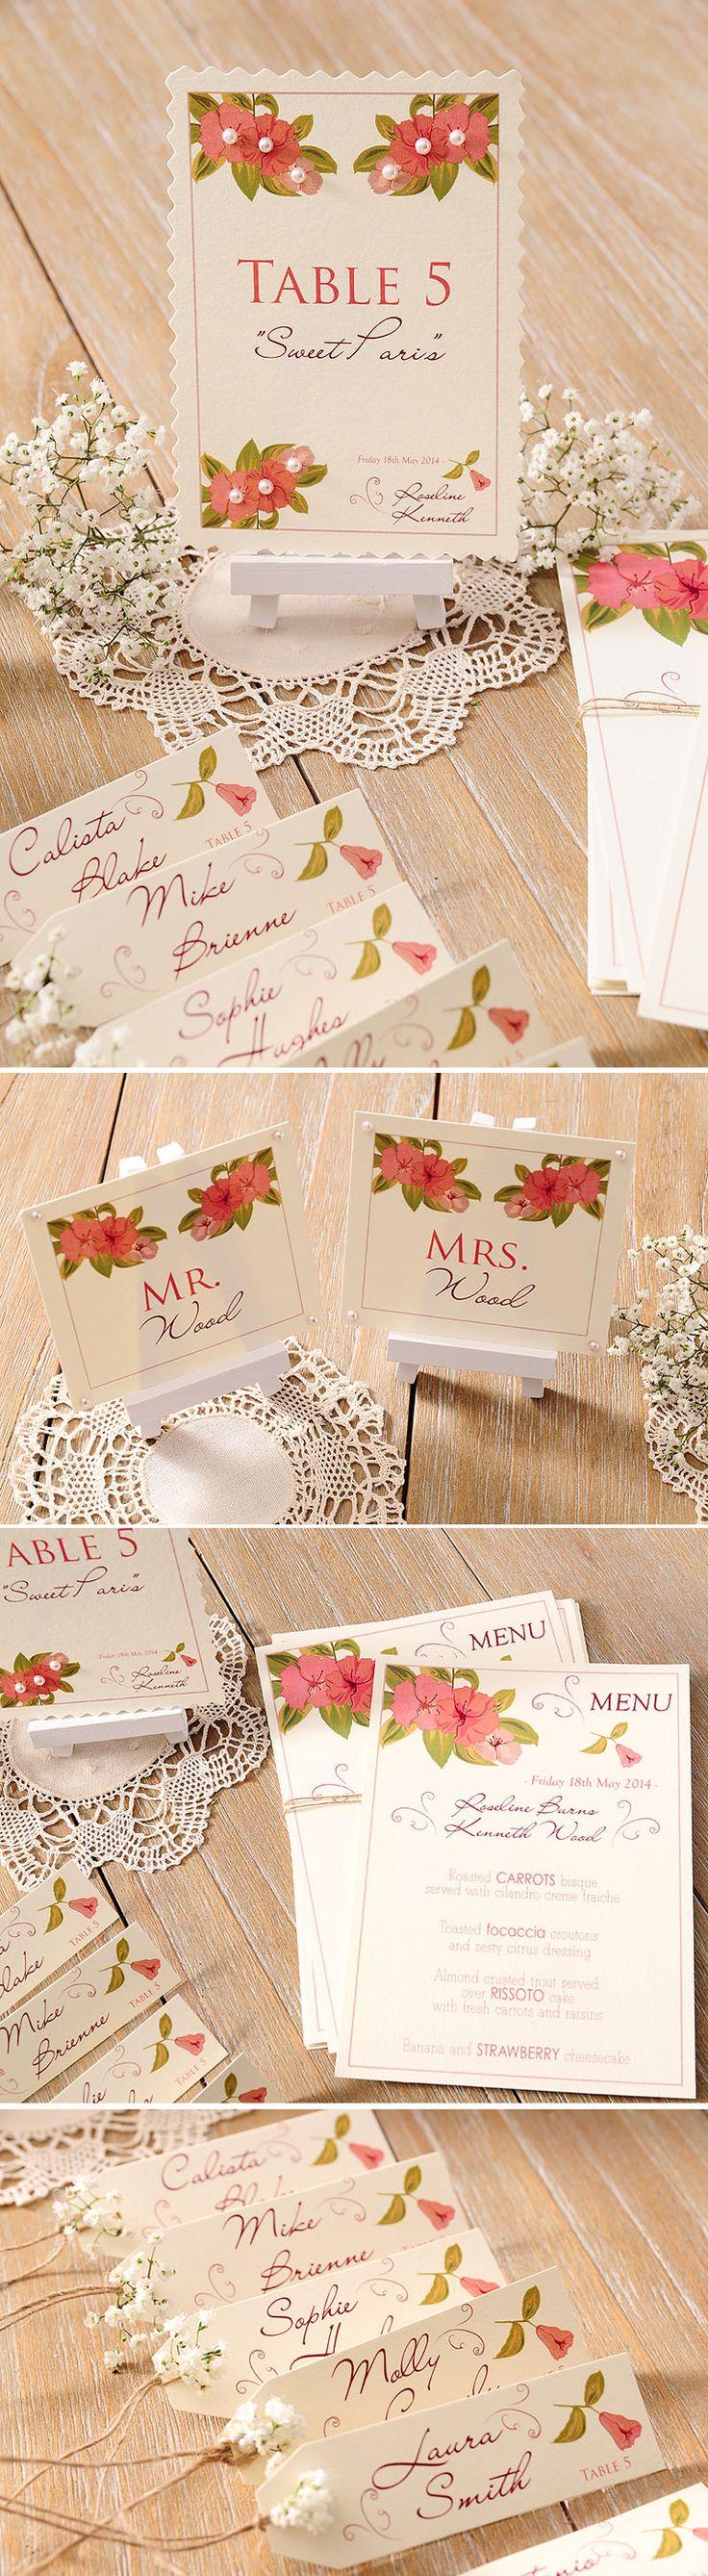 Papeleria de boda y detalles para una boda en el campo: Meseros, minutas y marcasitios.